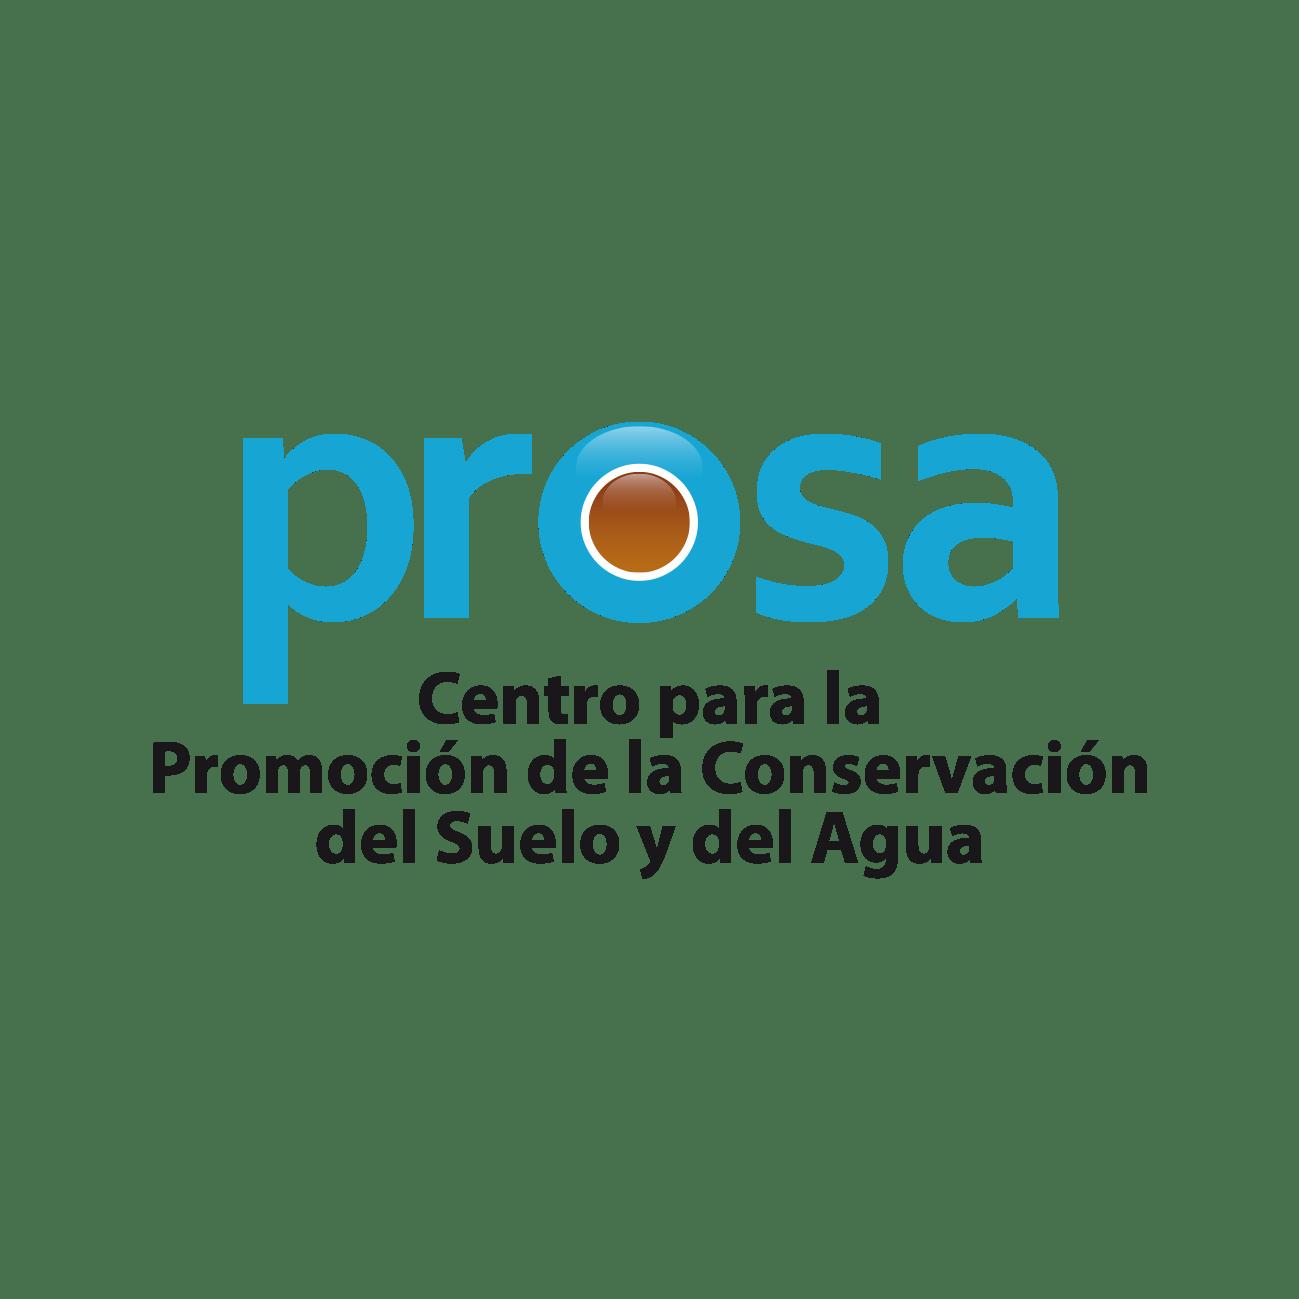 PROSA | Centro para la Promoción de la Conservación del Suelo y del Agua